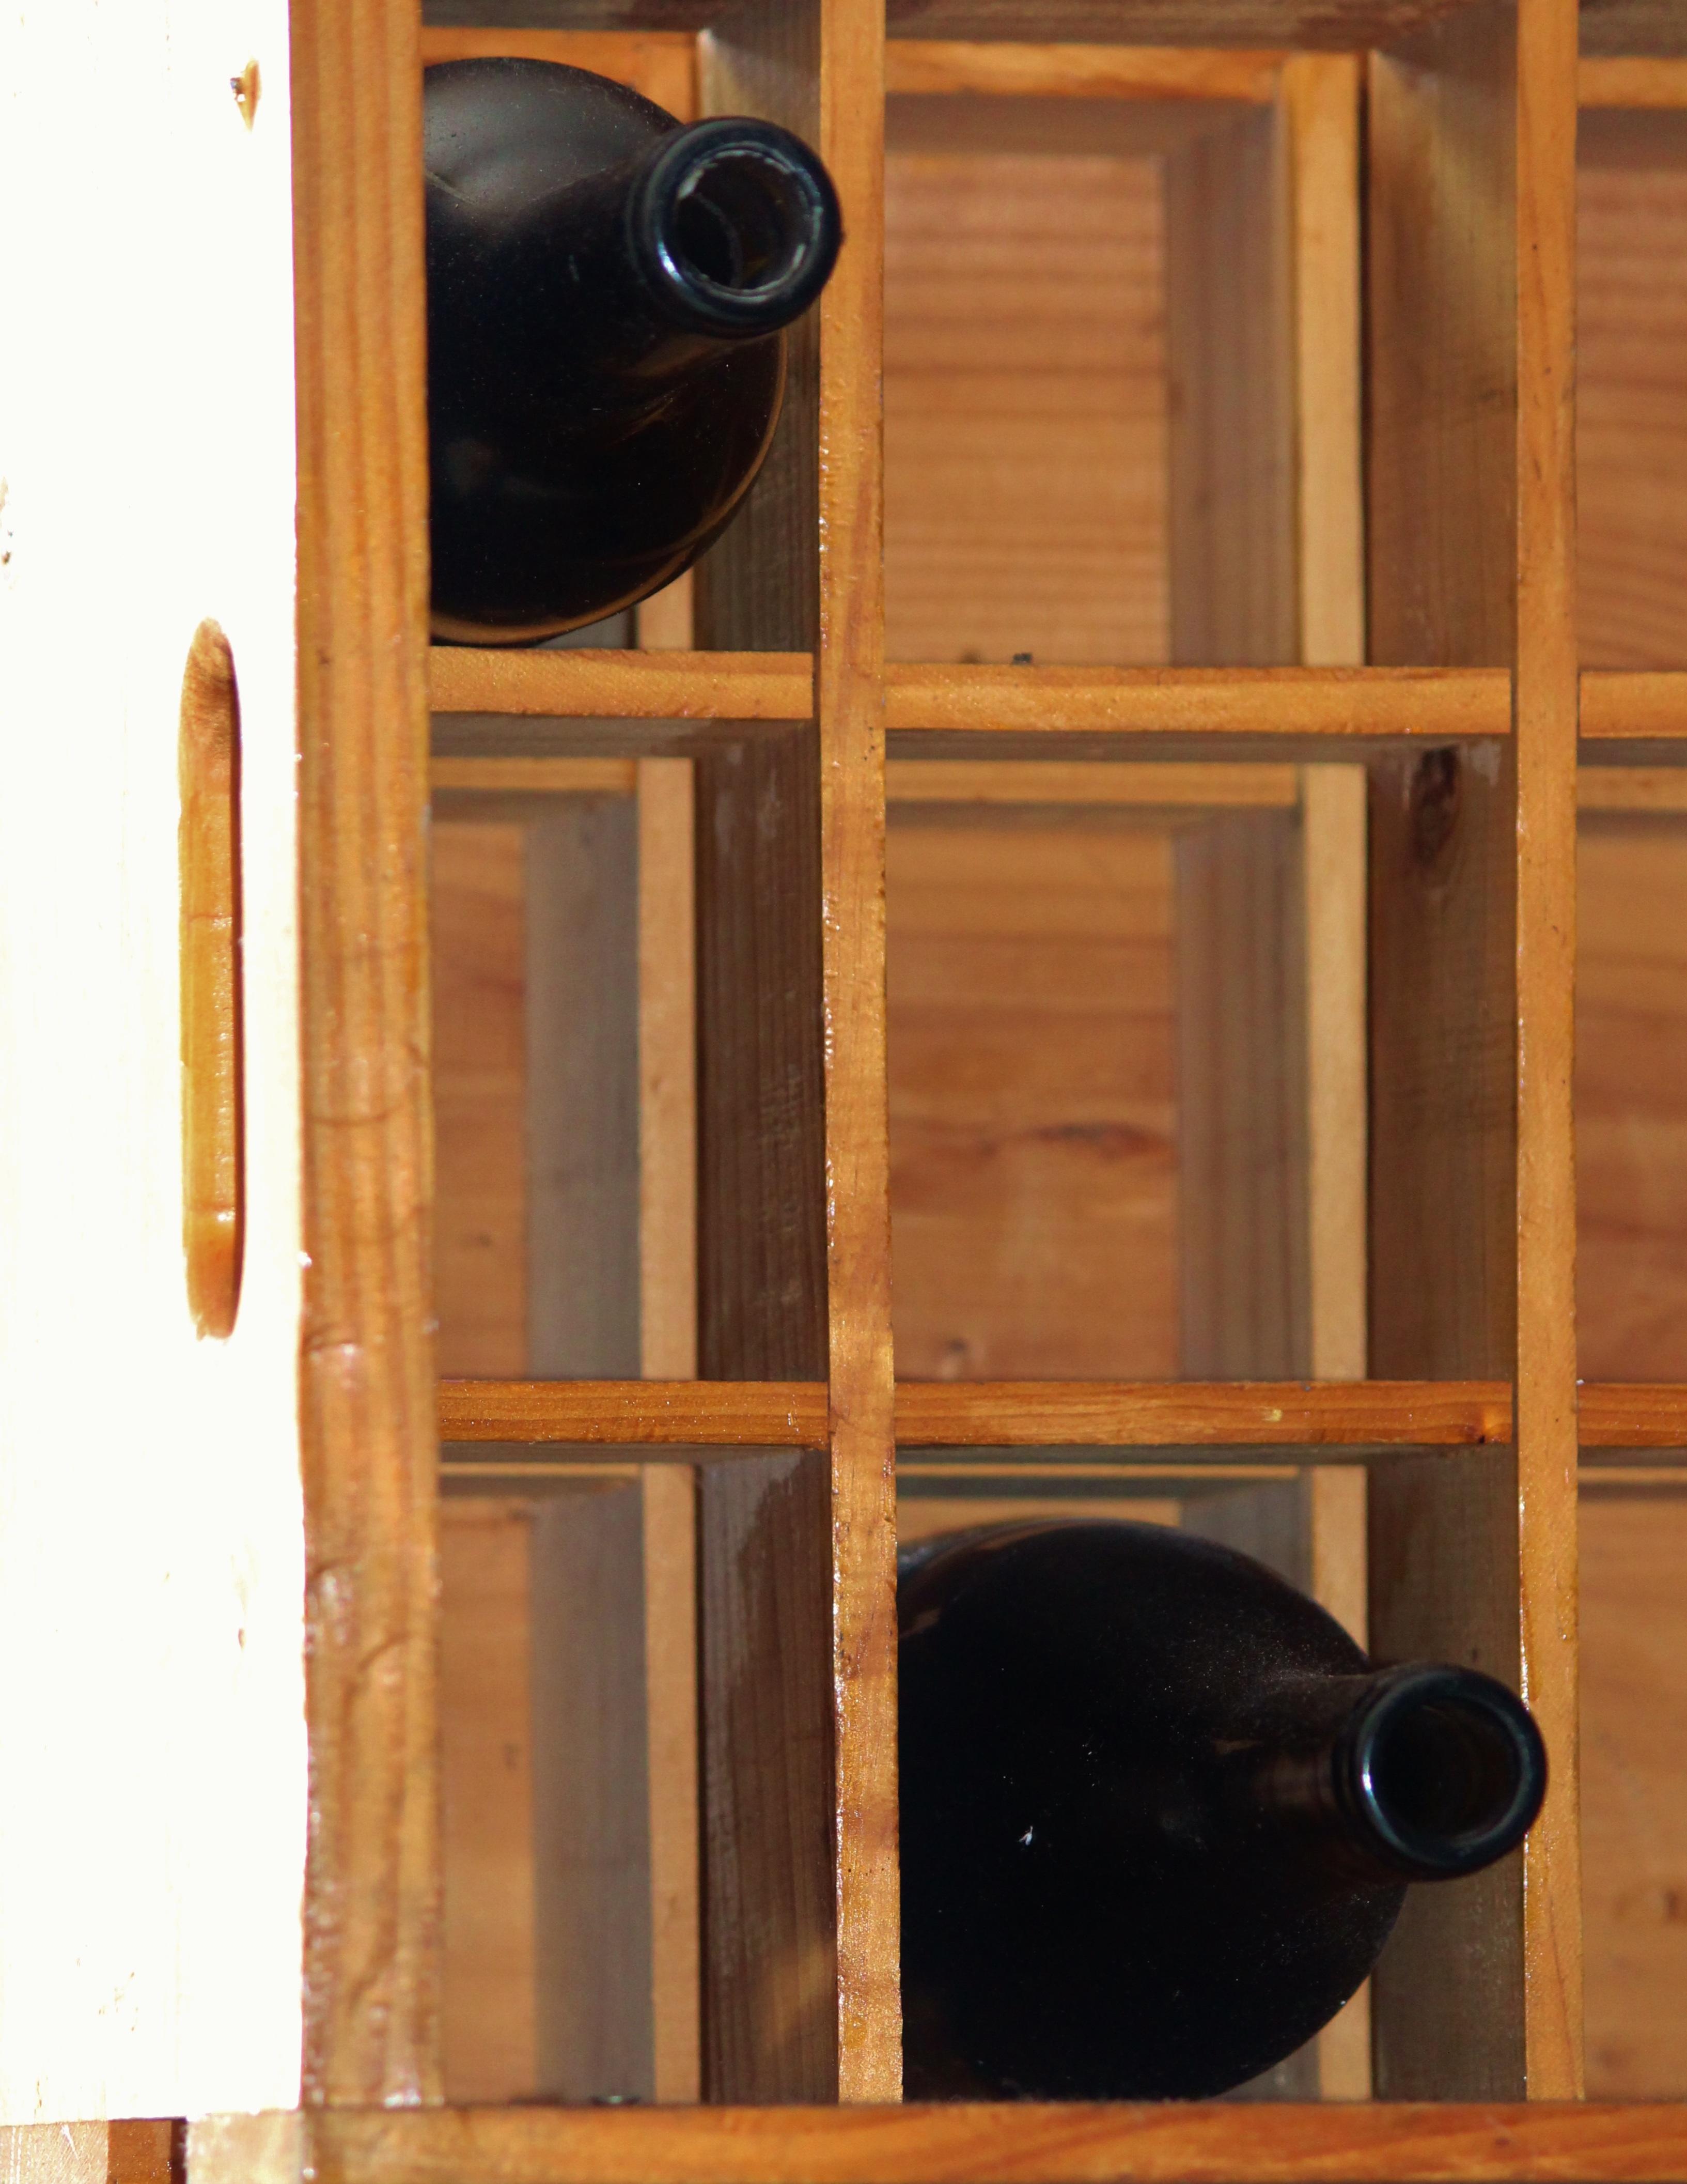 Fotos gratis : estante, mueble, habitación, botella de vino ...